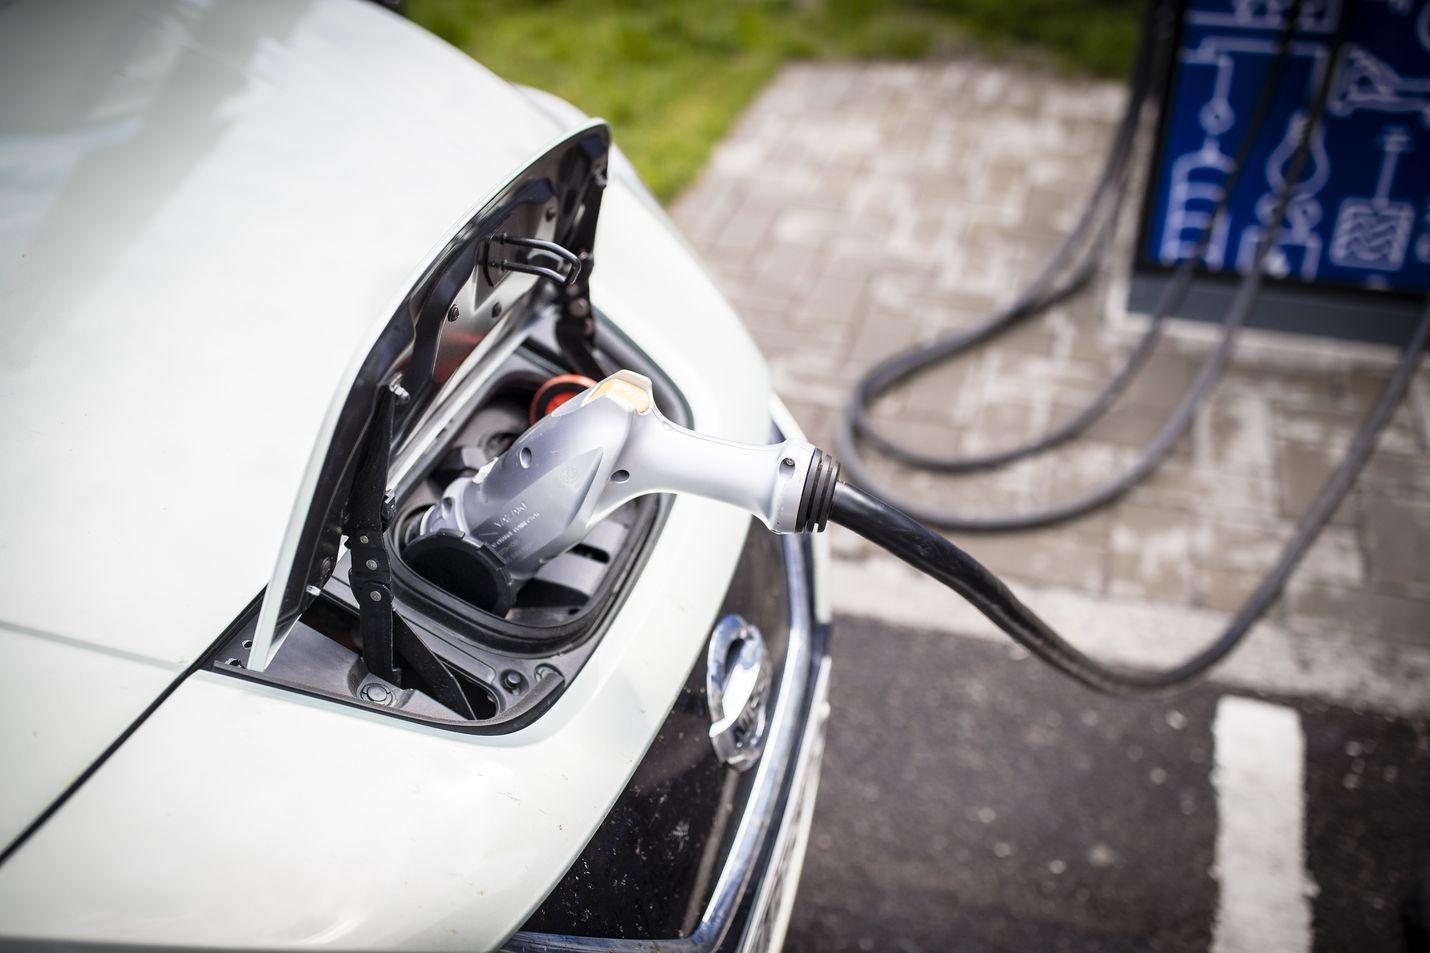 Suomi haluaa päästä mukaan liikenteen ja yhteiskunnan muun sähköistymisen virtaan muutenkin kuin asiakkaana. Akkualan kehittämisellä on työryhmän mukaan kiire, sillä kansainvälinen kilpailu on kovaa.